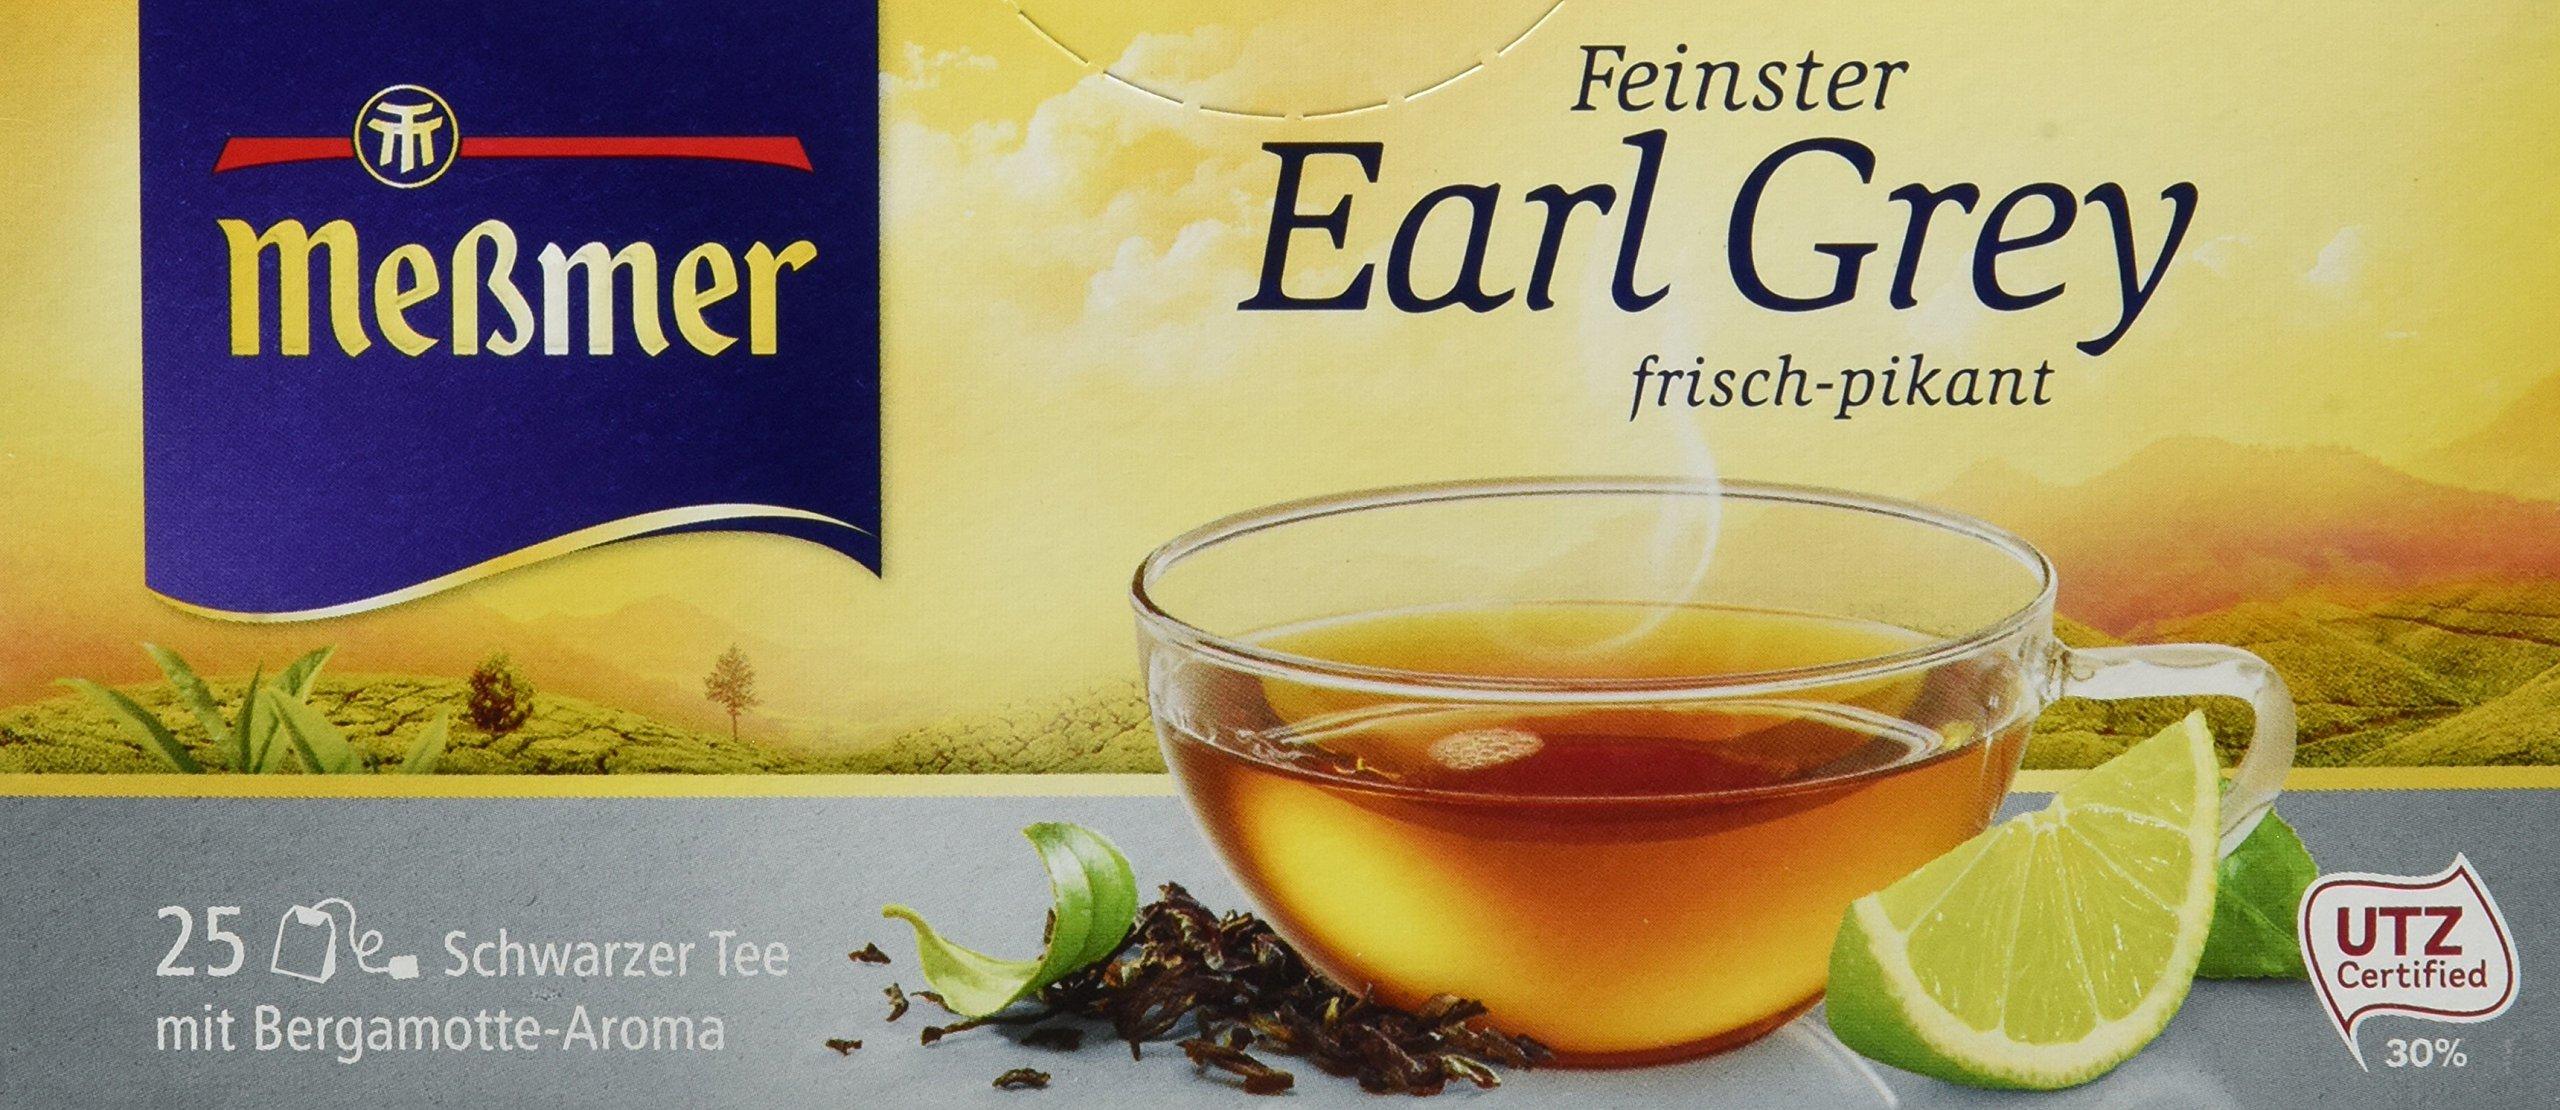 Memer-Earl-Grey-Teebeutel-25-x-175-g-Packung